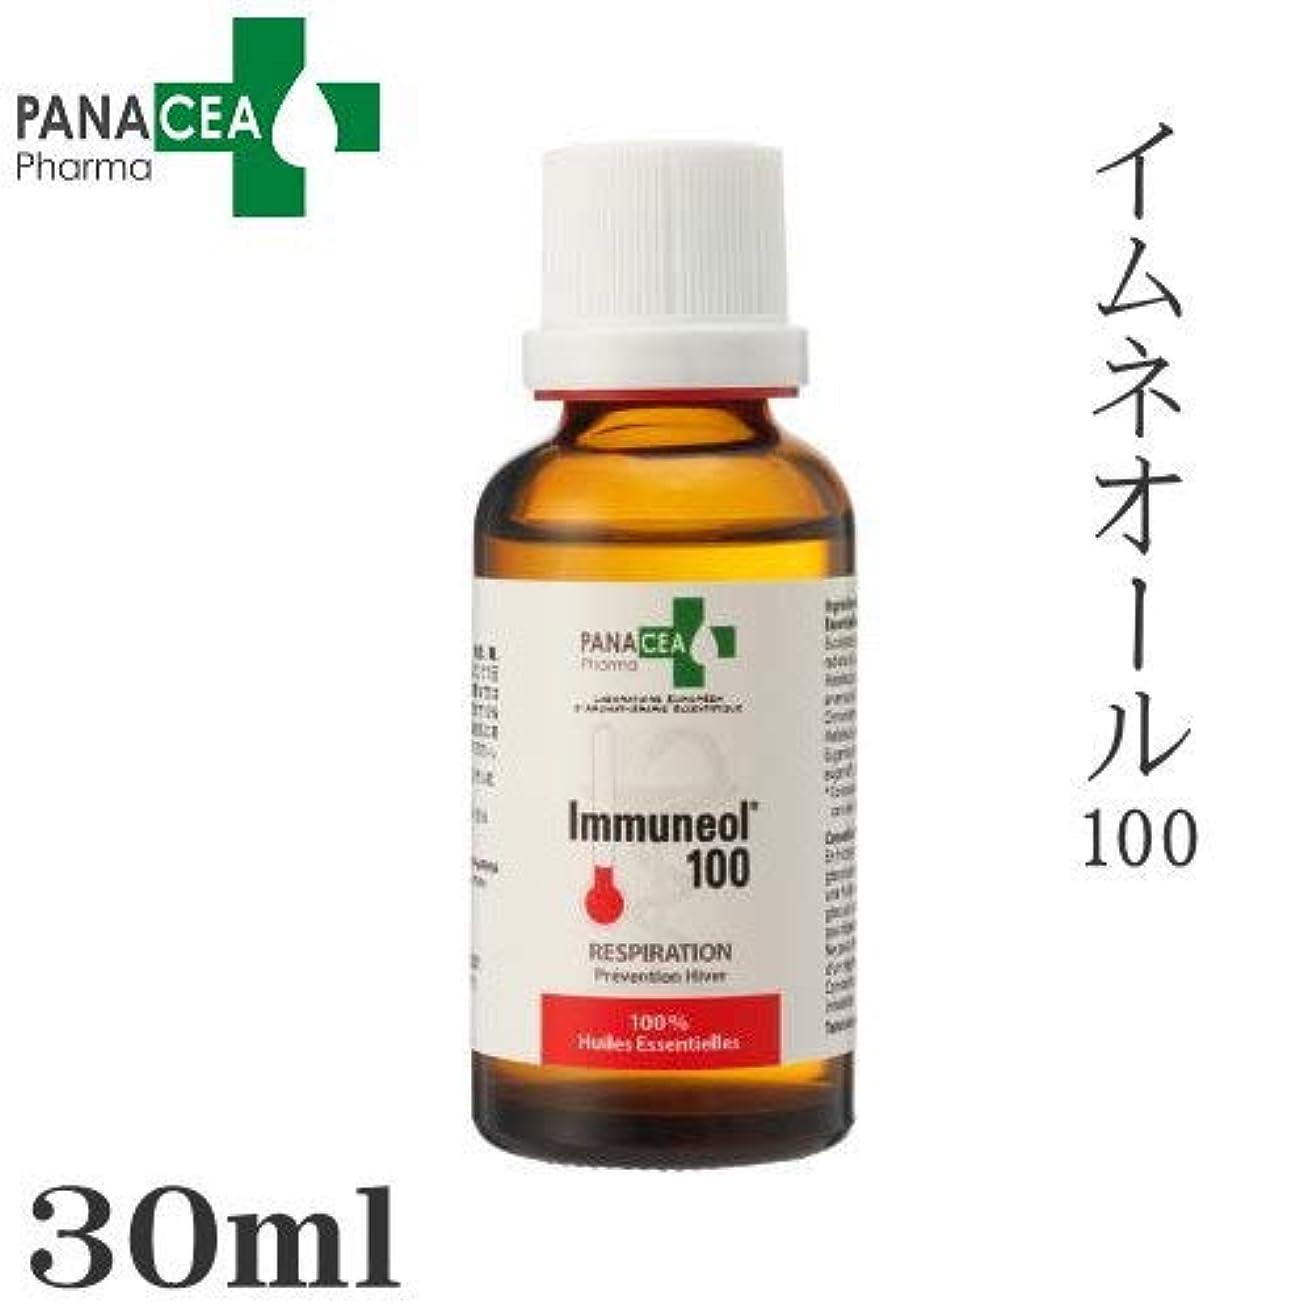 ぶら下がる非公式脆いPANACEA PHARMA パナセア ファルマイムネオール100 正規品